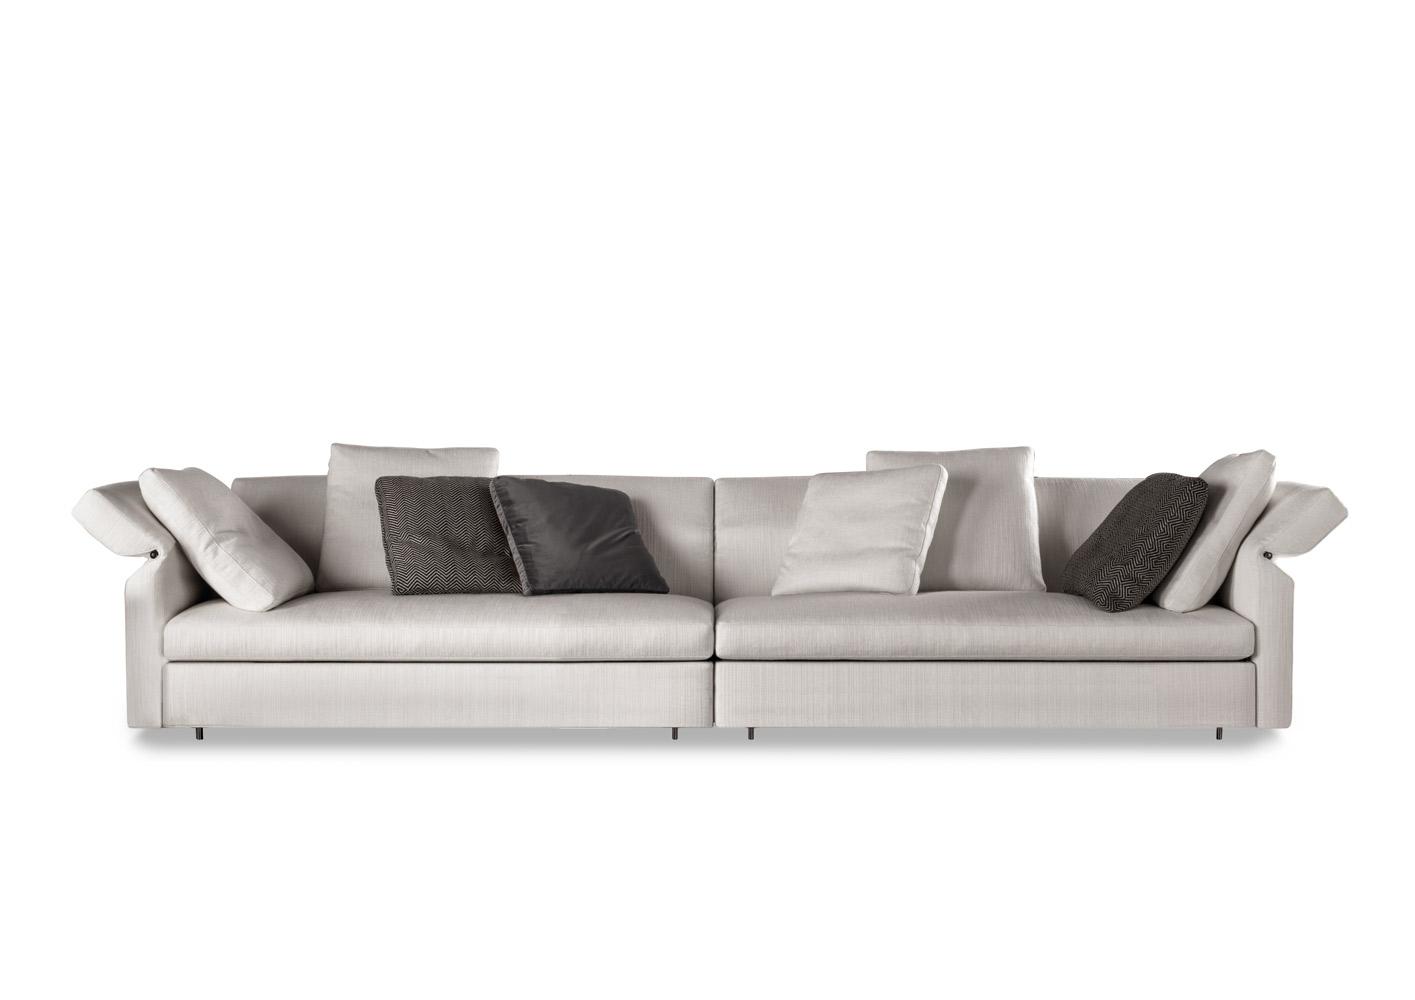 Современные диваны в интерьере гостиной - диван Collar. Фото 1